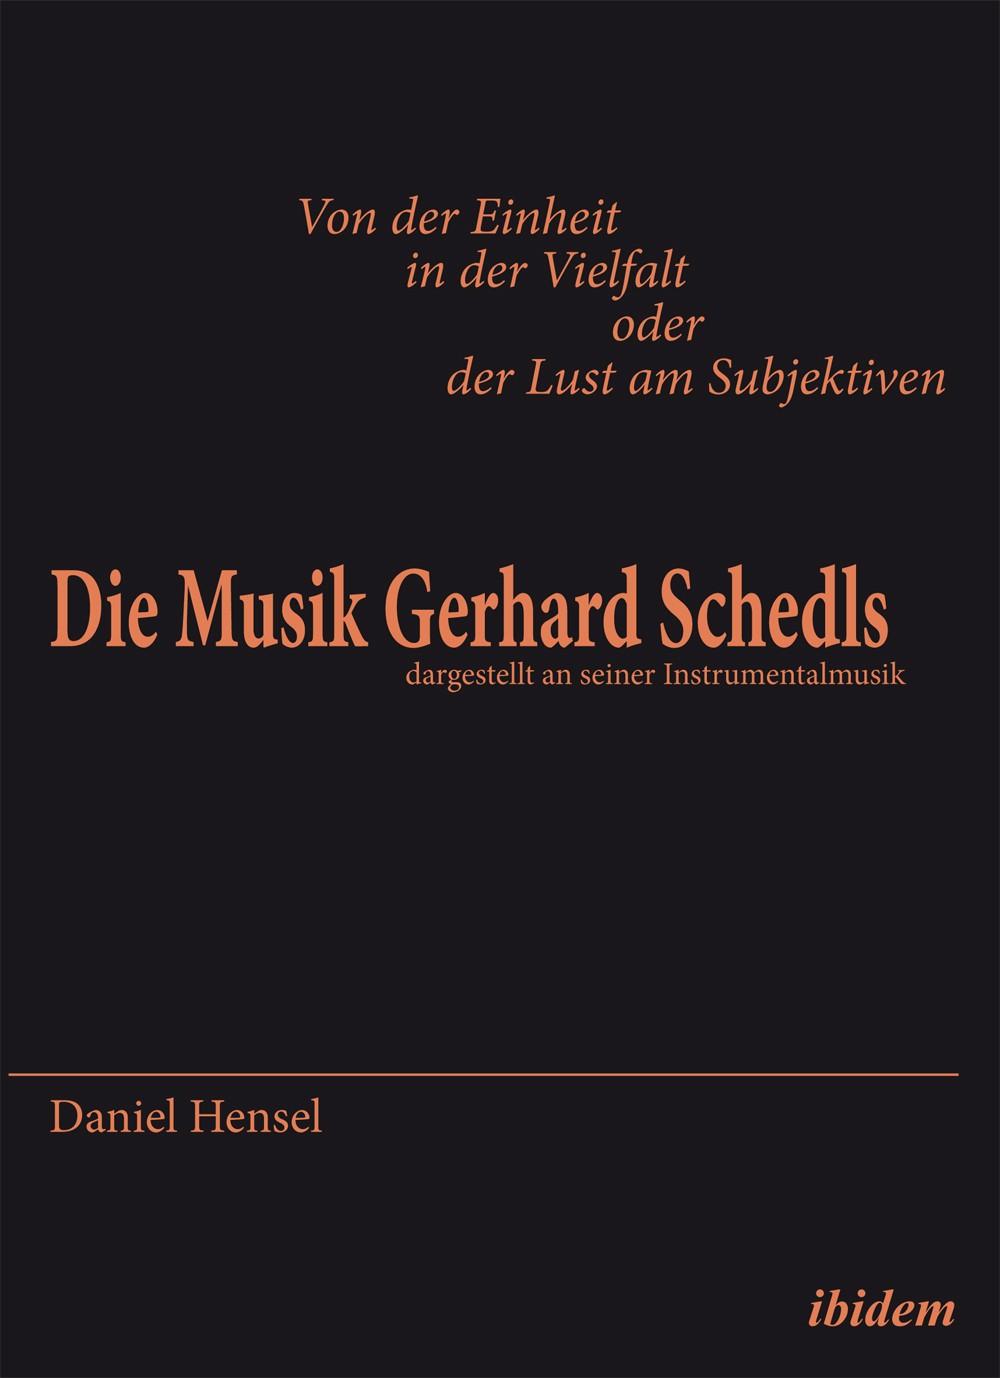 Von der Einheit in der Vielfalt oder der Lust am Subjektiven: Die Musik Gerhard Schedls